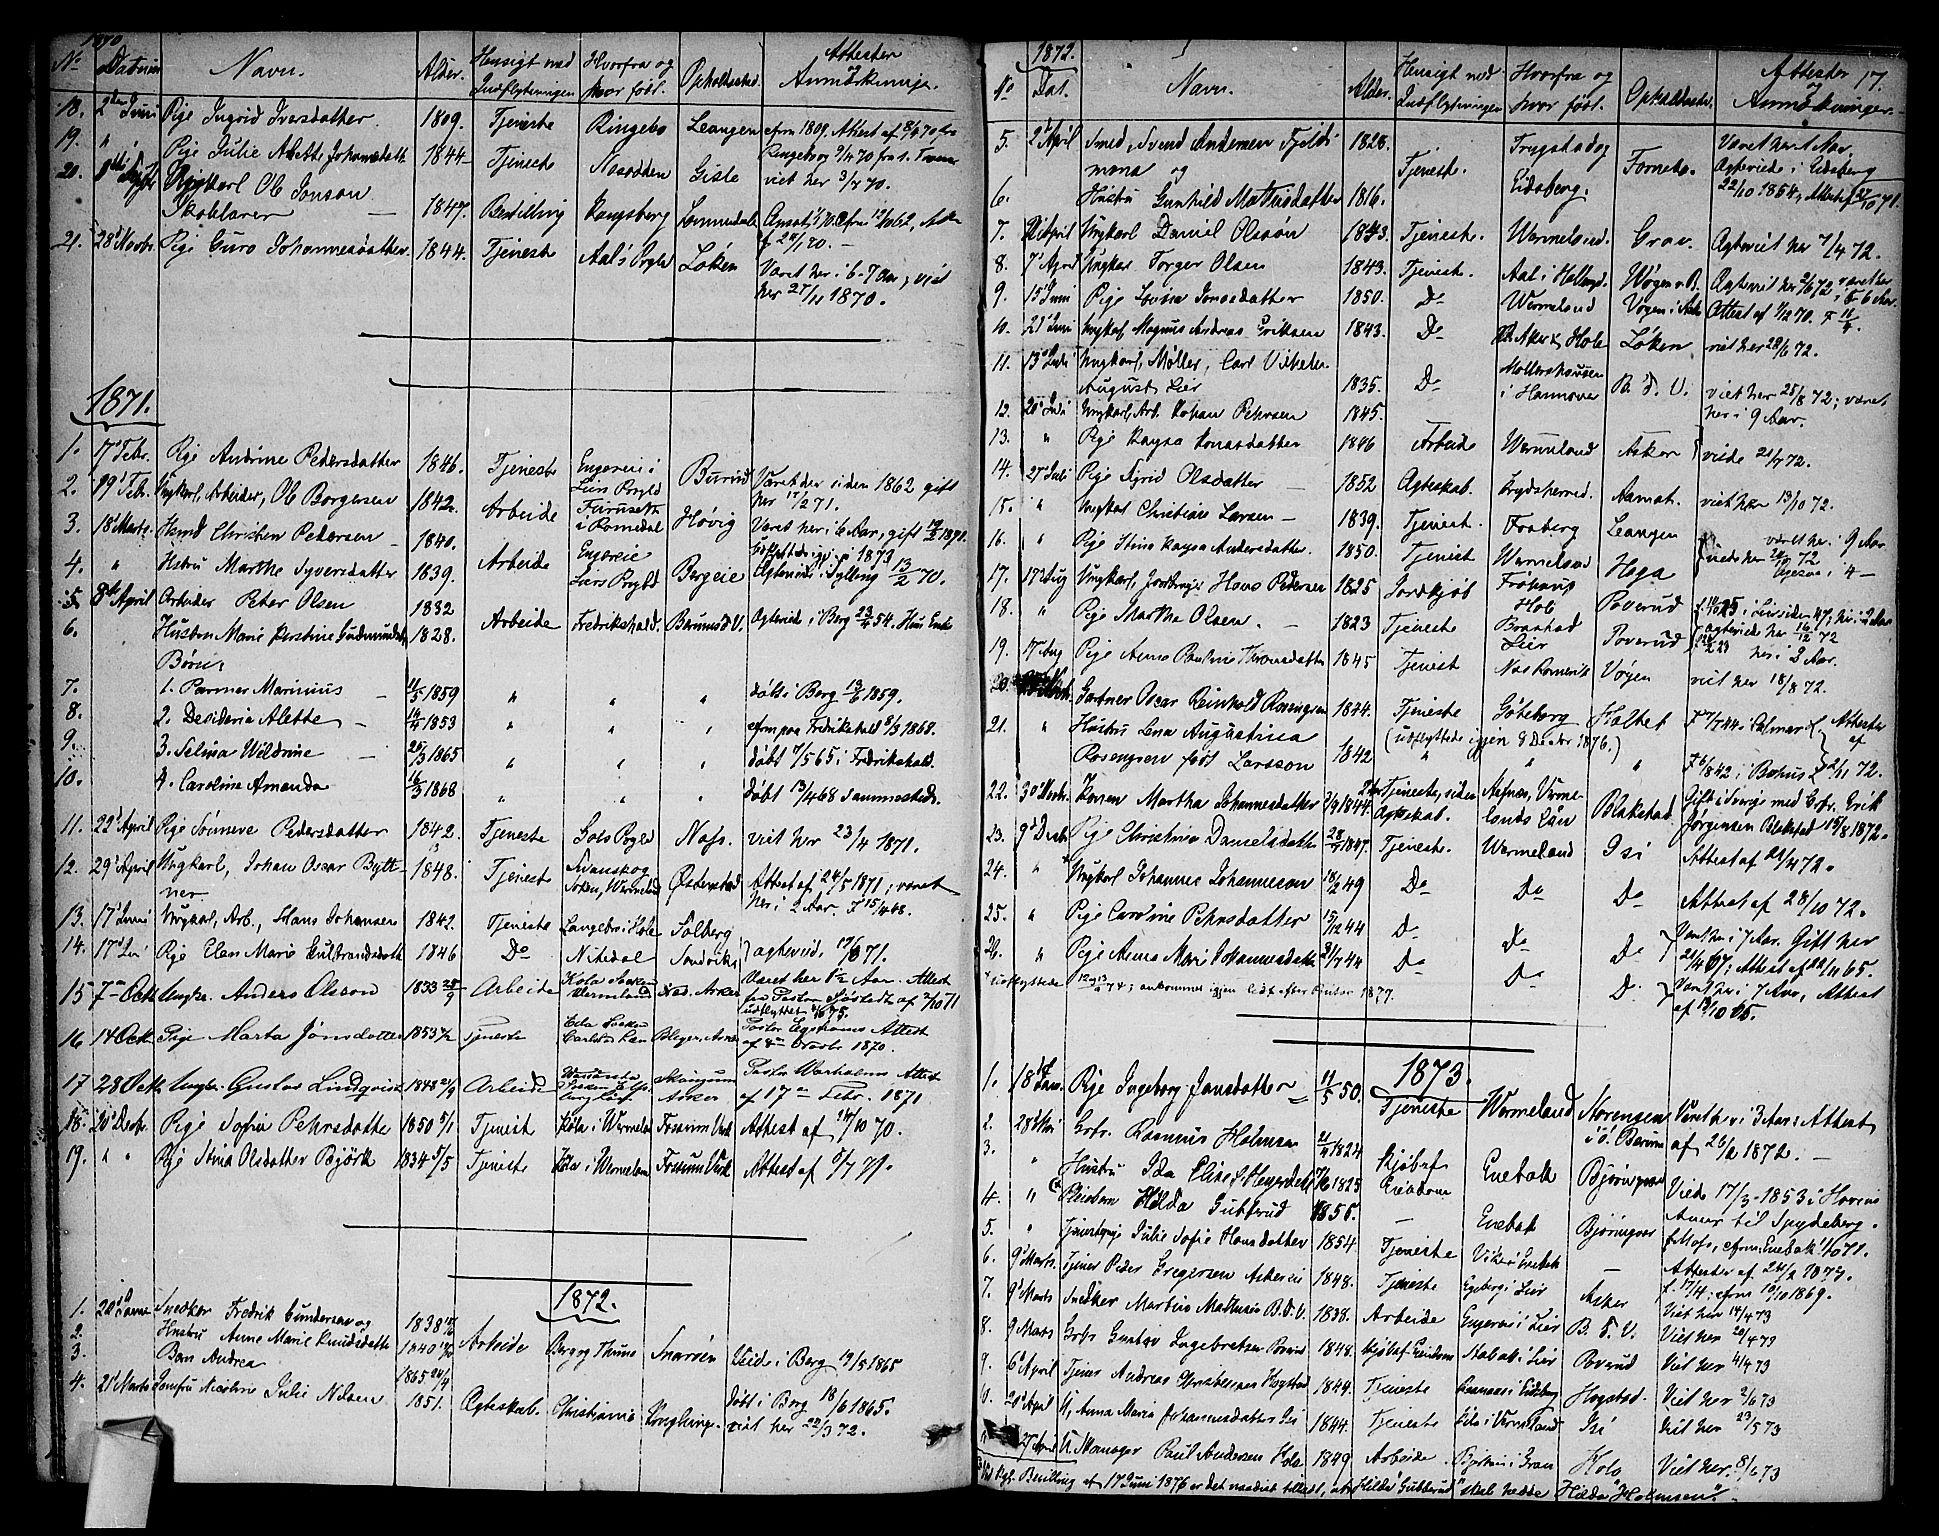 SAO, Asker prestekontor Kirkebøker, F/Fa/L0012: Ministerialbok nr. I 12, 1825-1878, s. 17